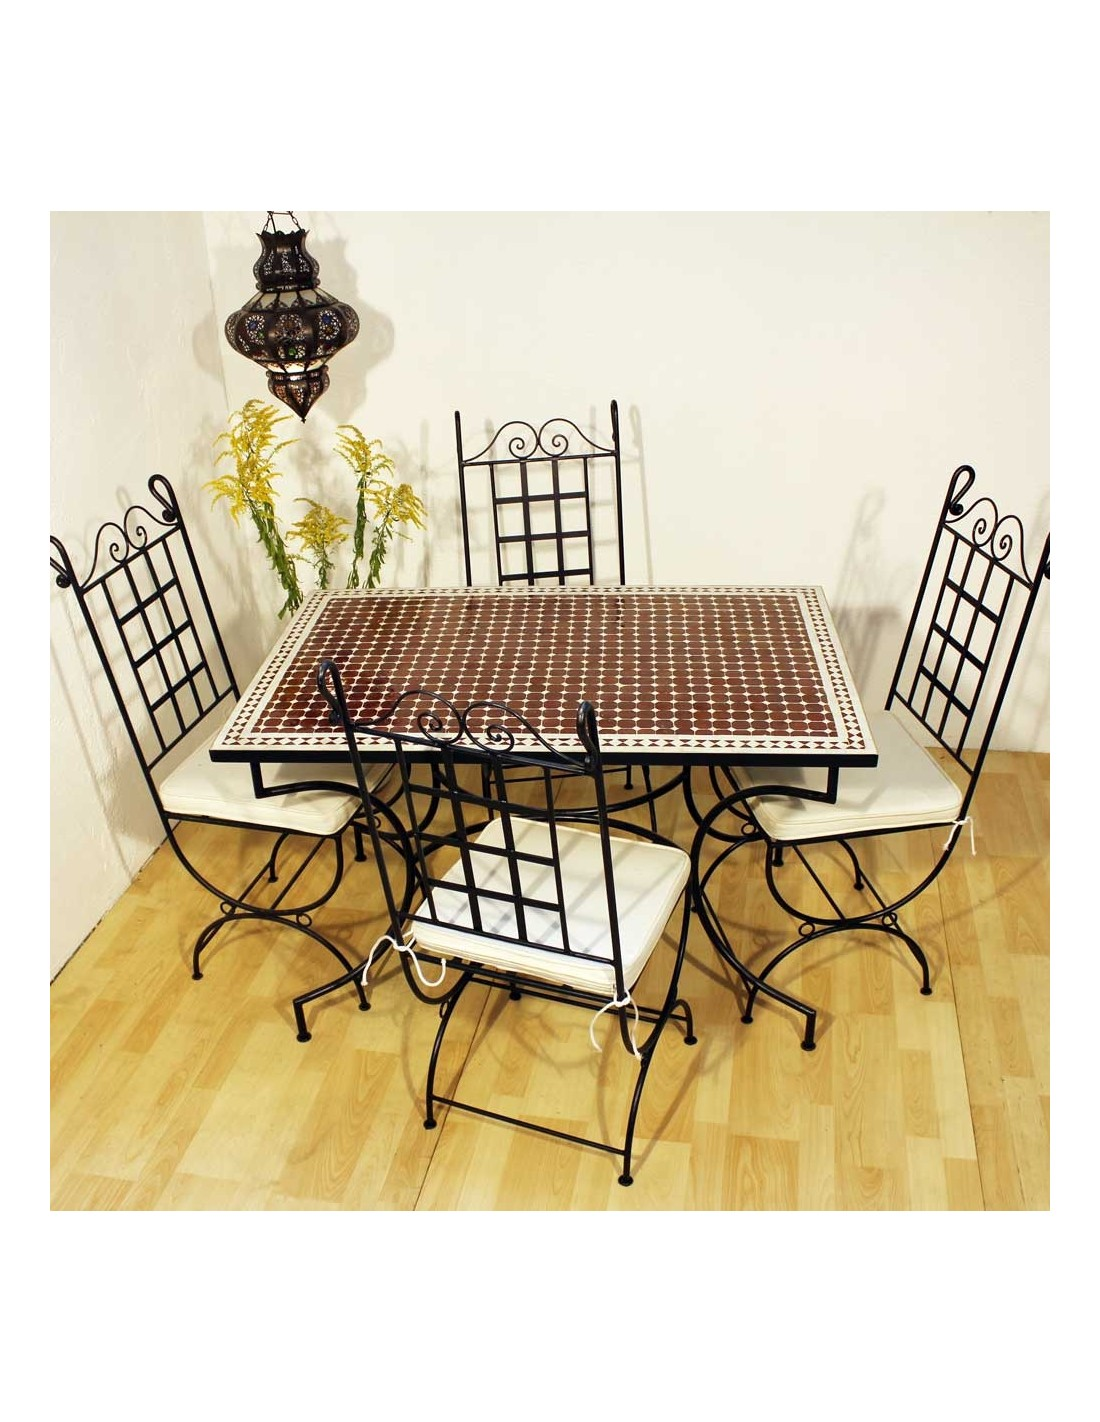 mosaiktisch susat 80x120cm in der albena marokko galerie. Black Bedroom Furniture Sets. Home Design Ideas